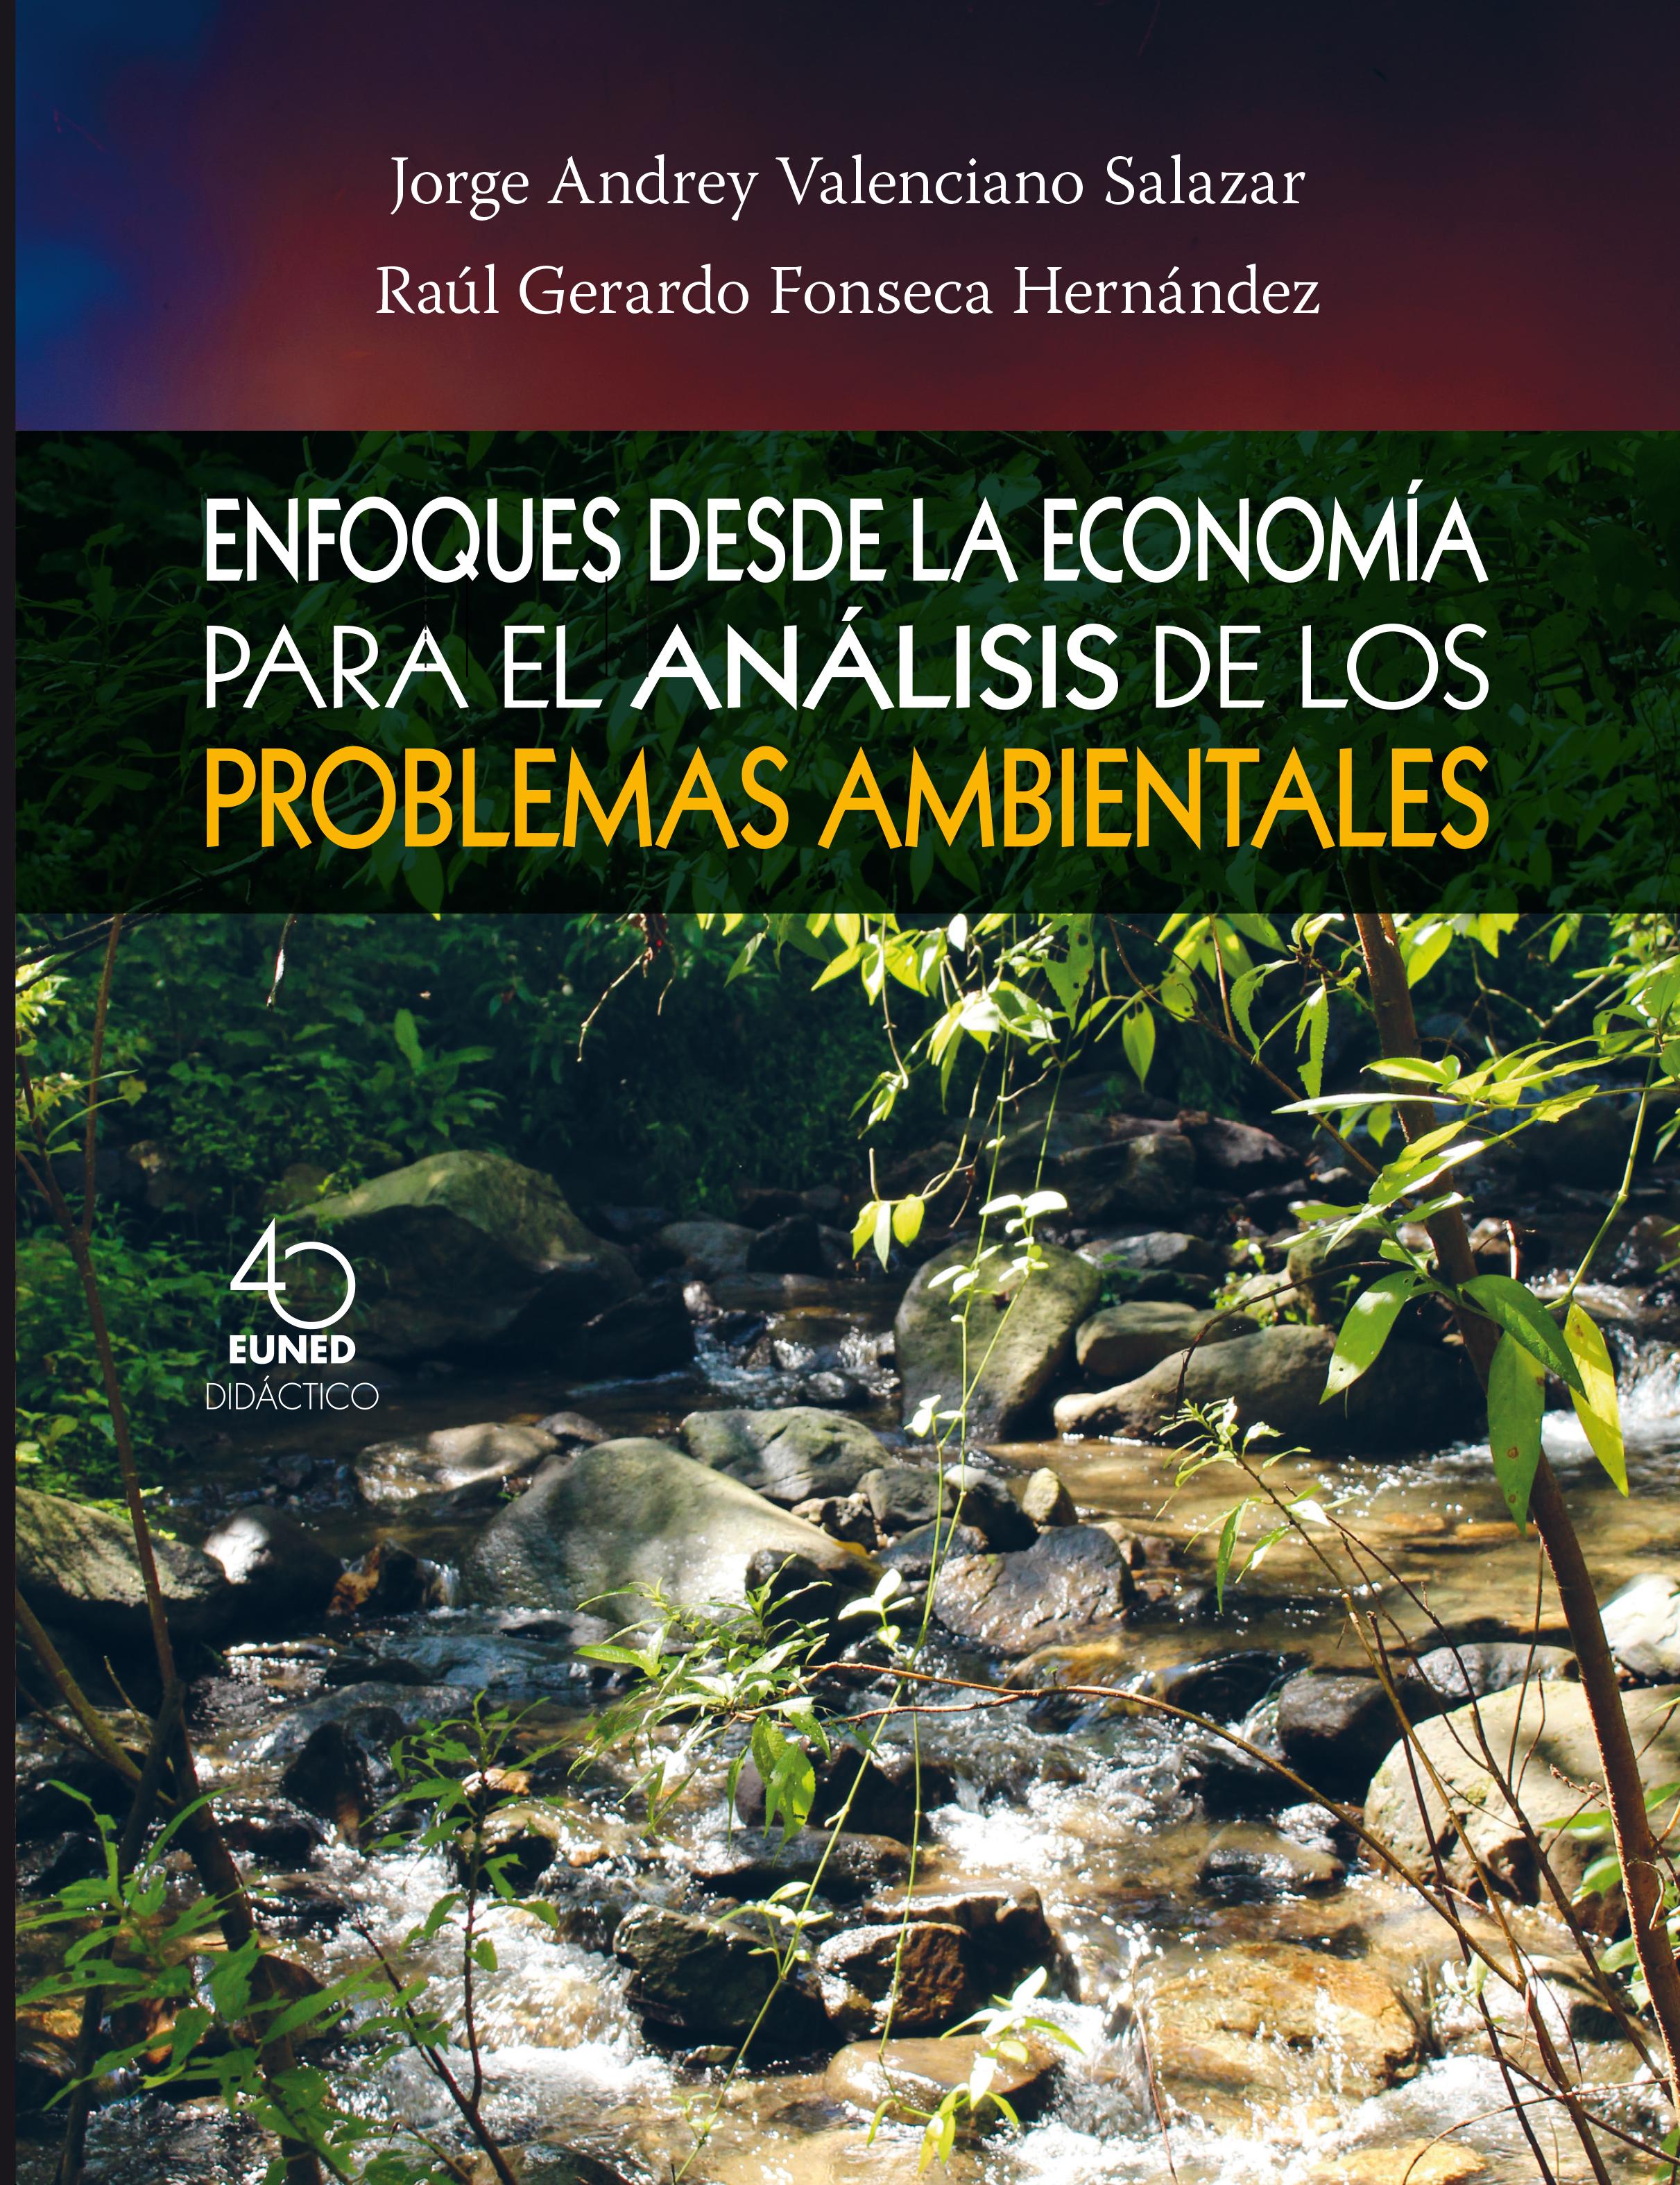 Enfoques desde la economía para el análisis de los problemas ambientales